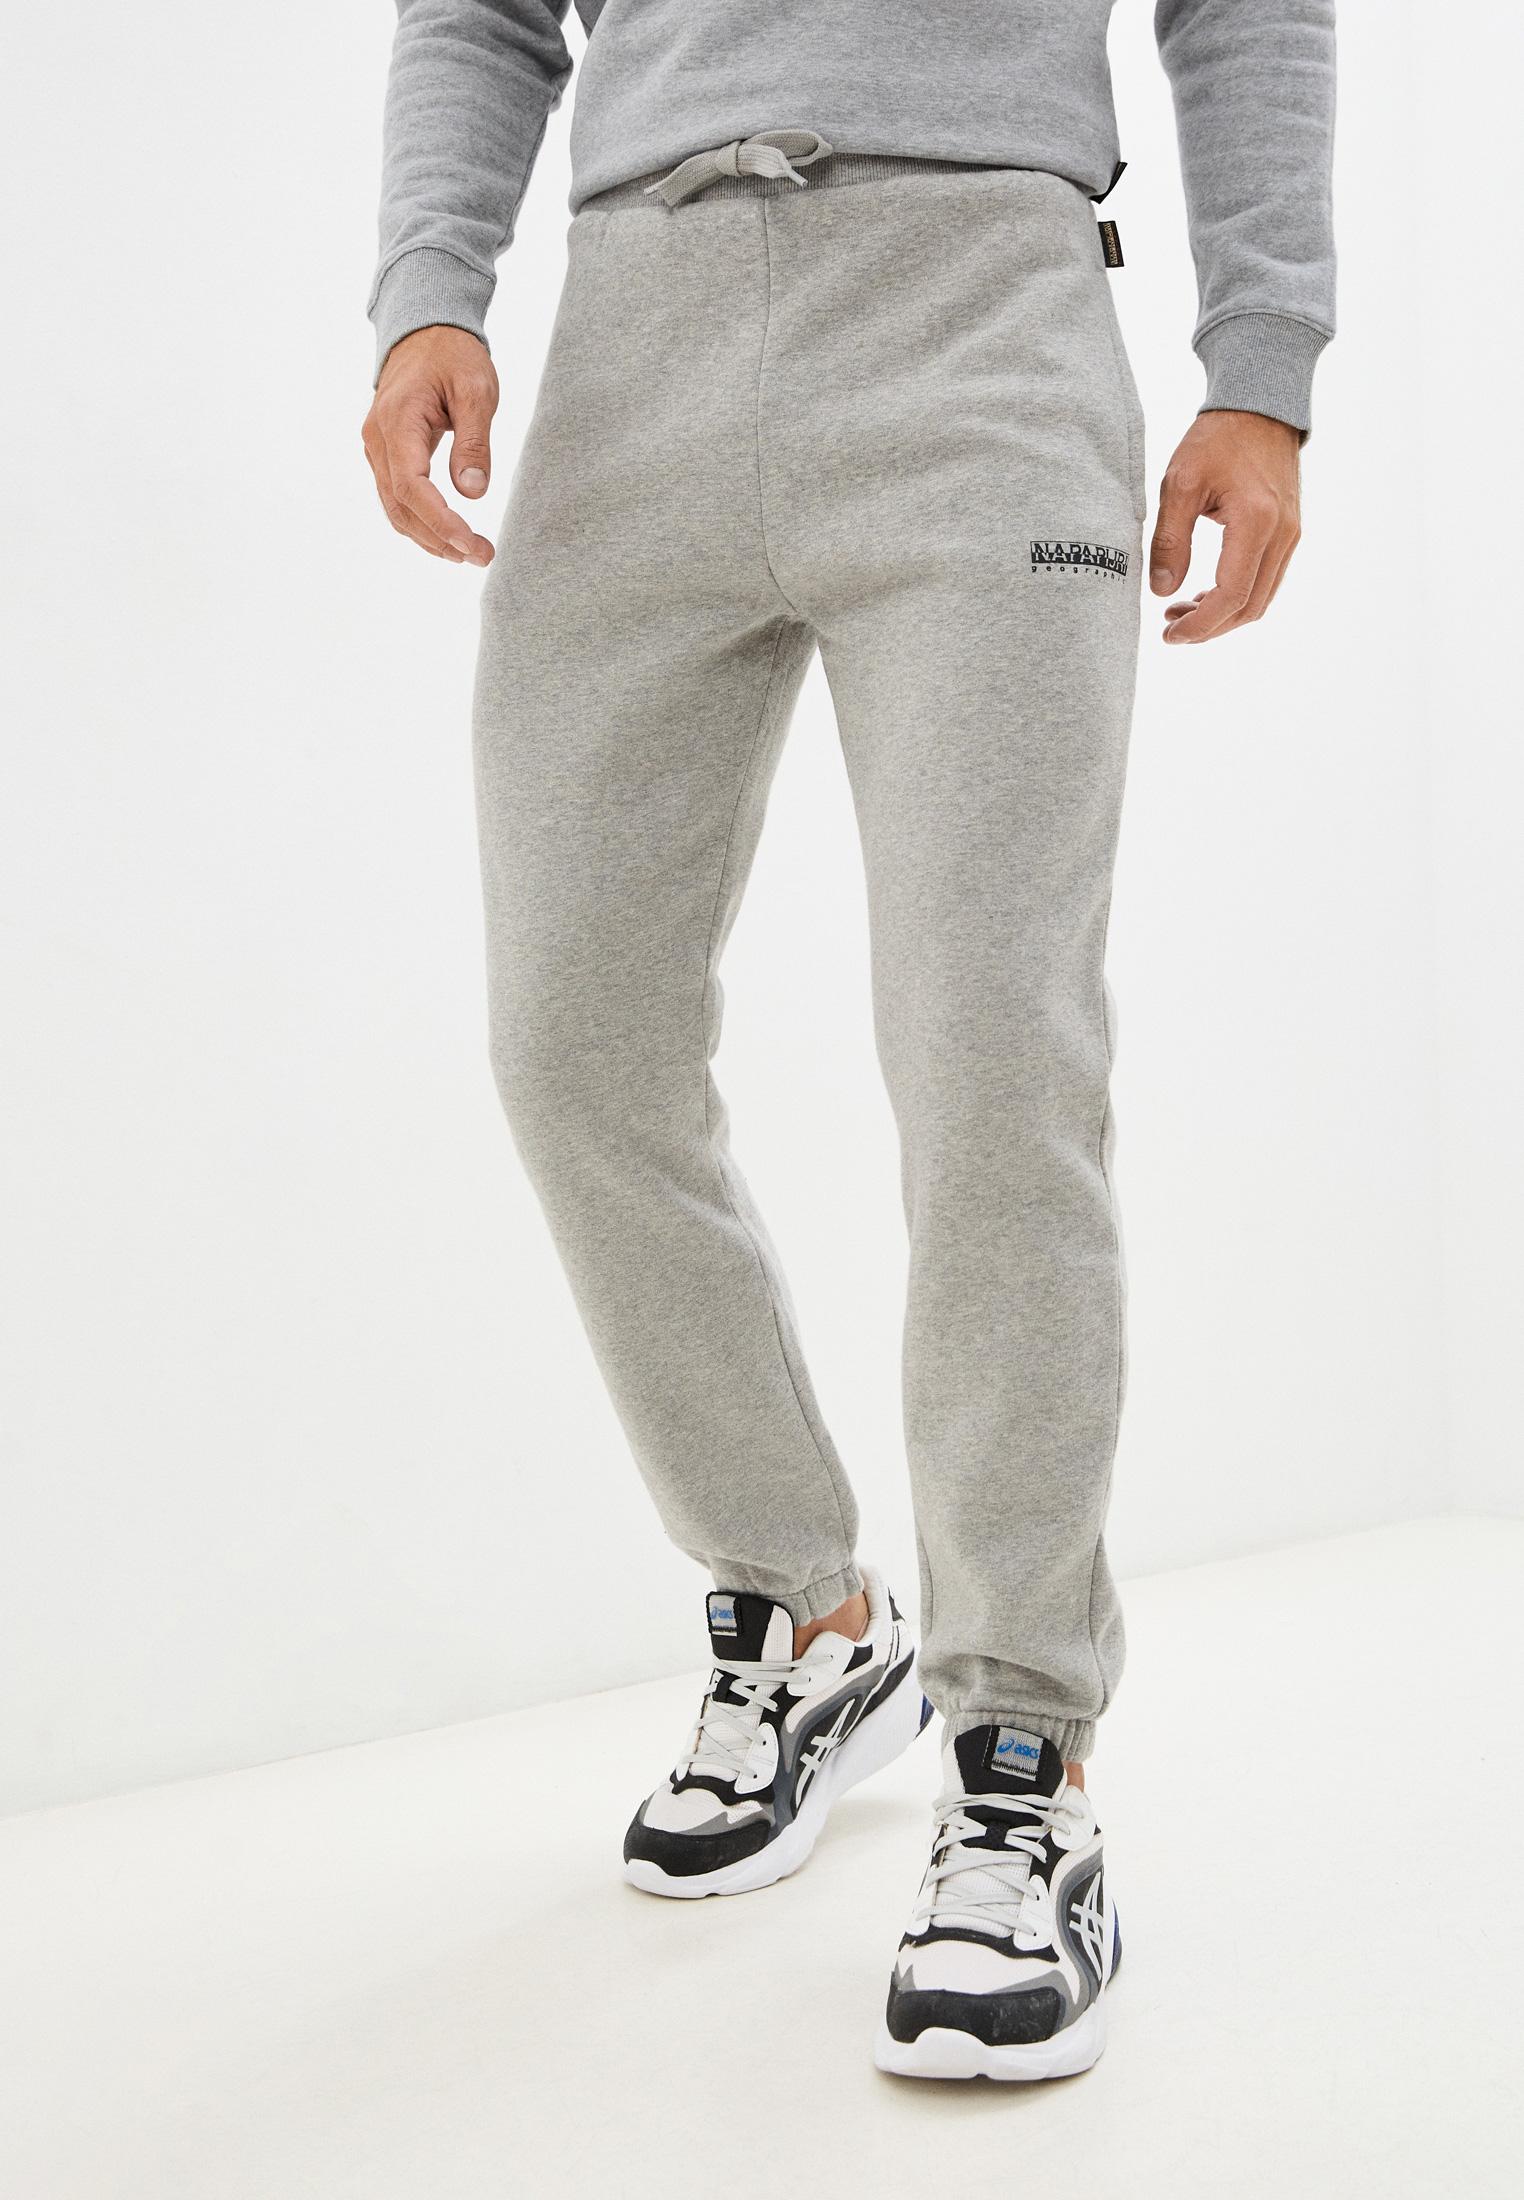 Мужские спортивные брюки Napapijri Брюки спортивные Napapijri